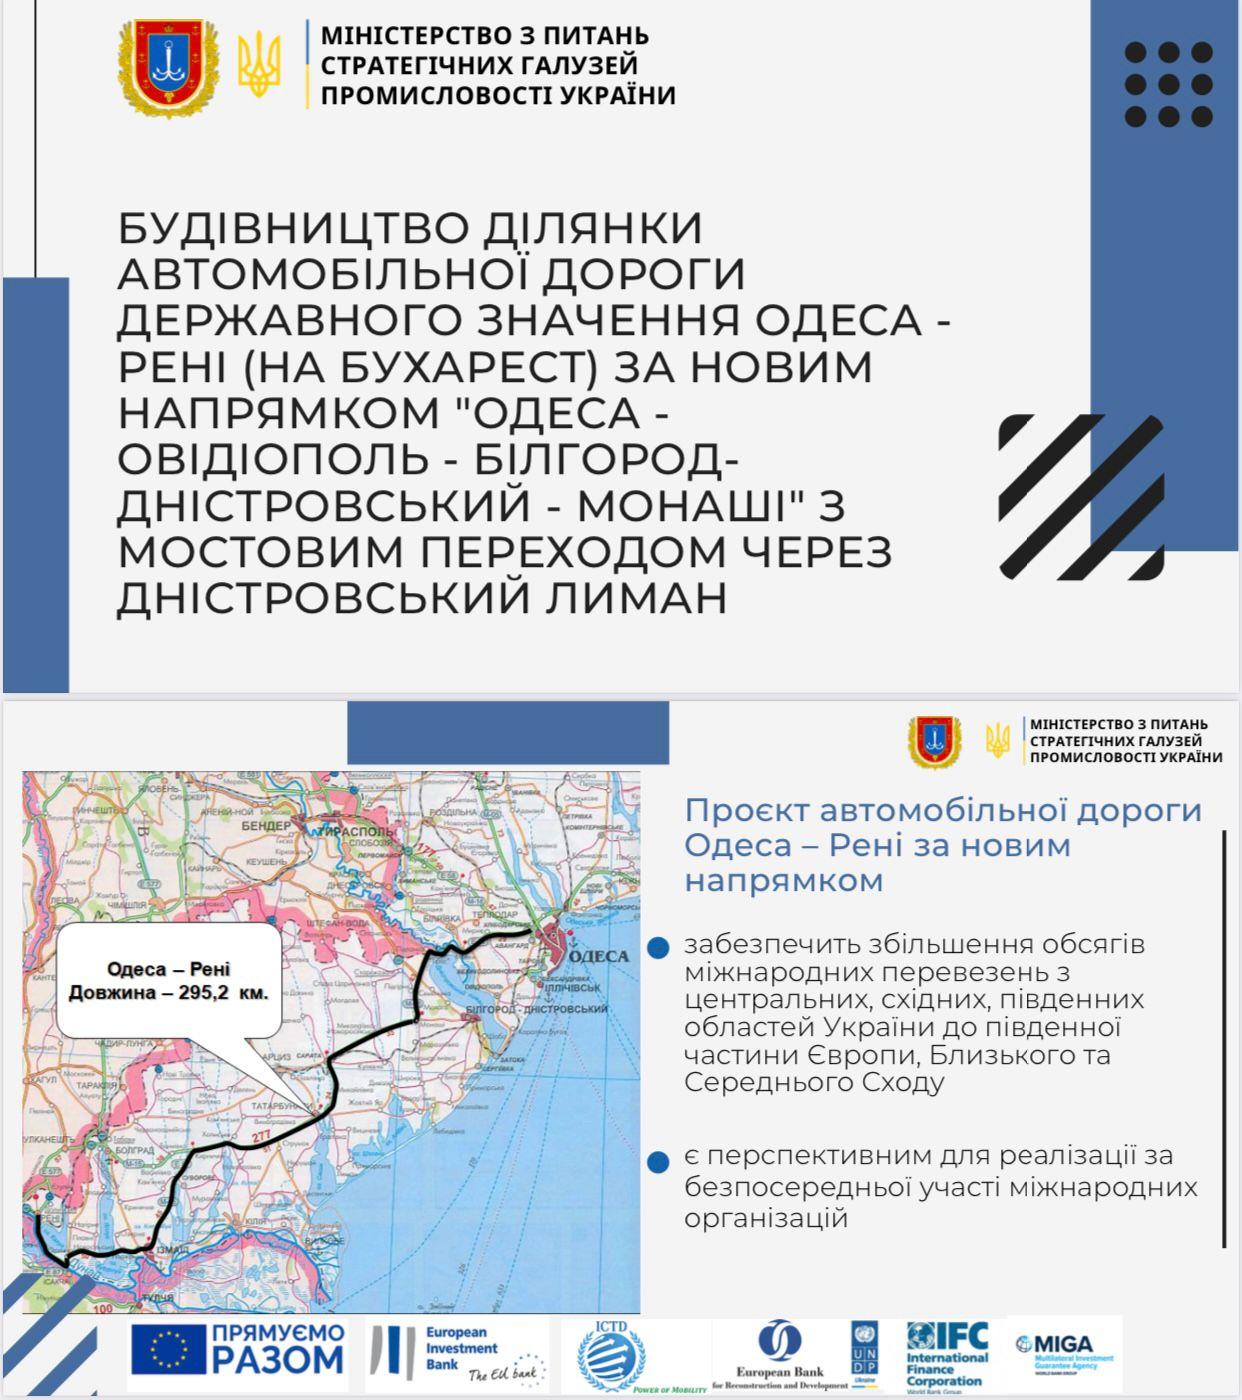 Строительство концессионной дороги Одесса-Рени вошло в активную фазу